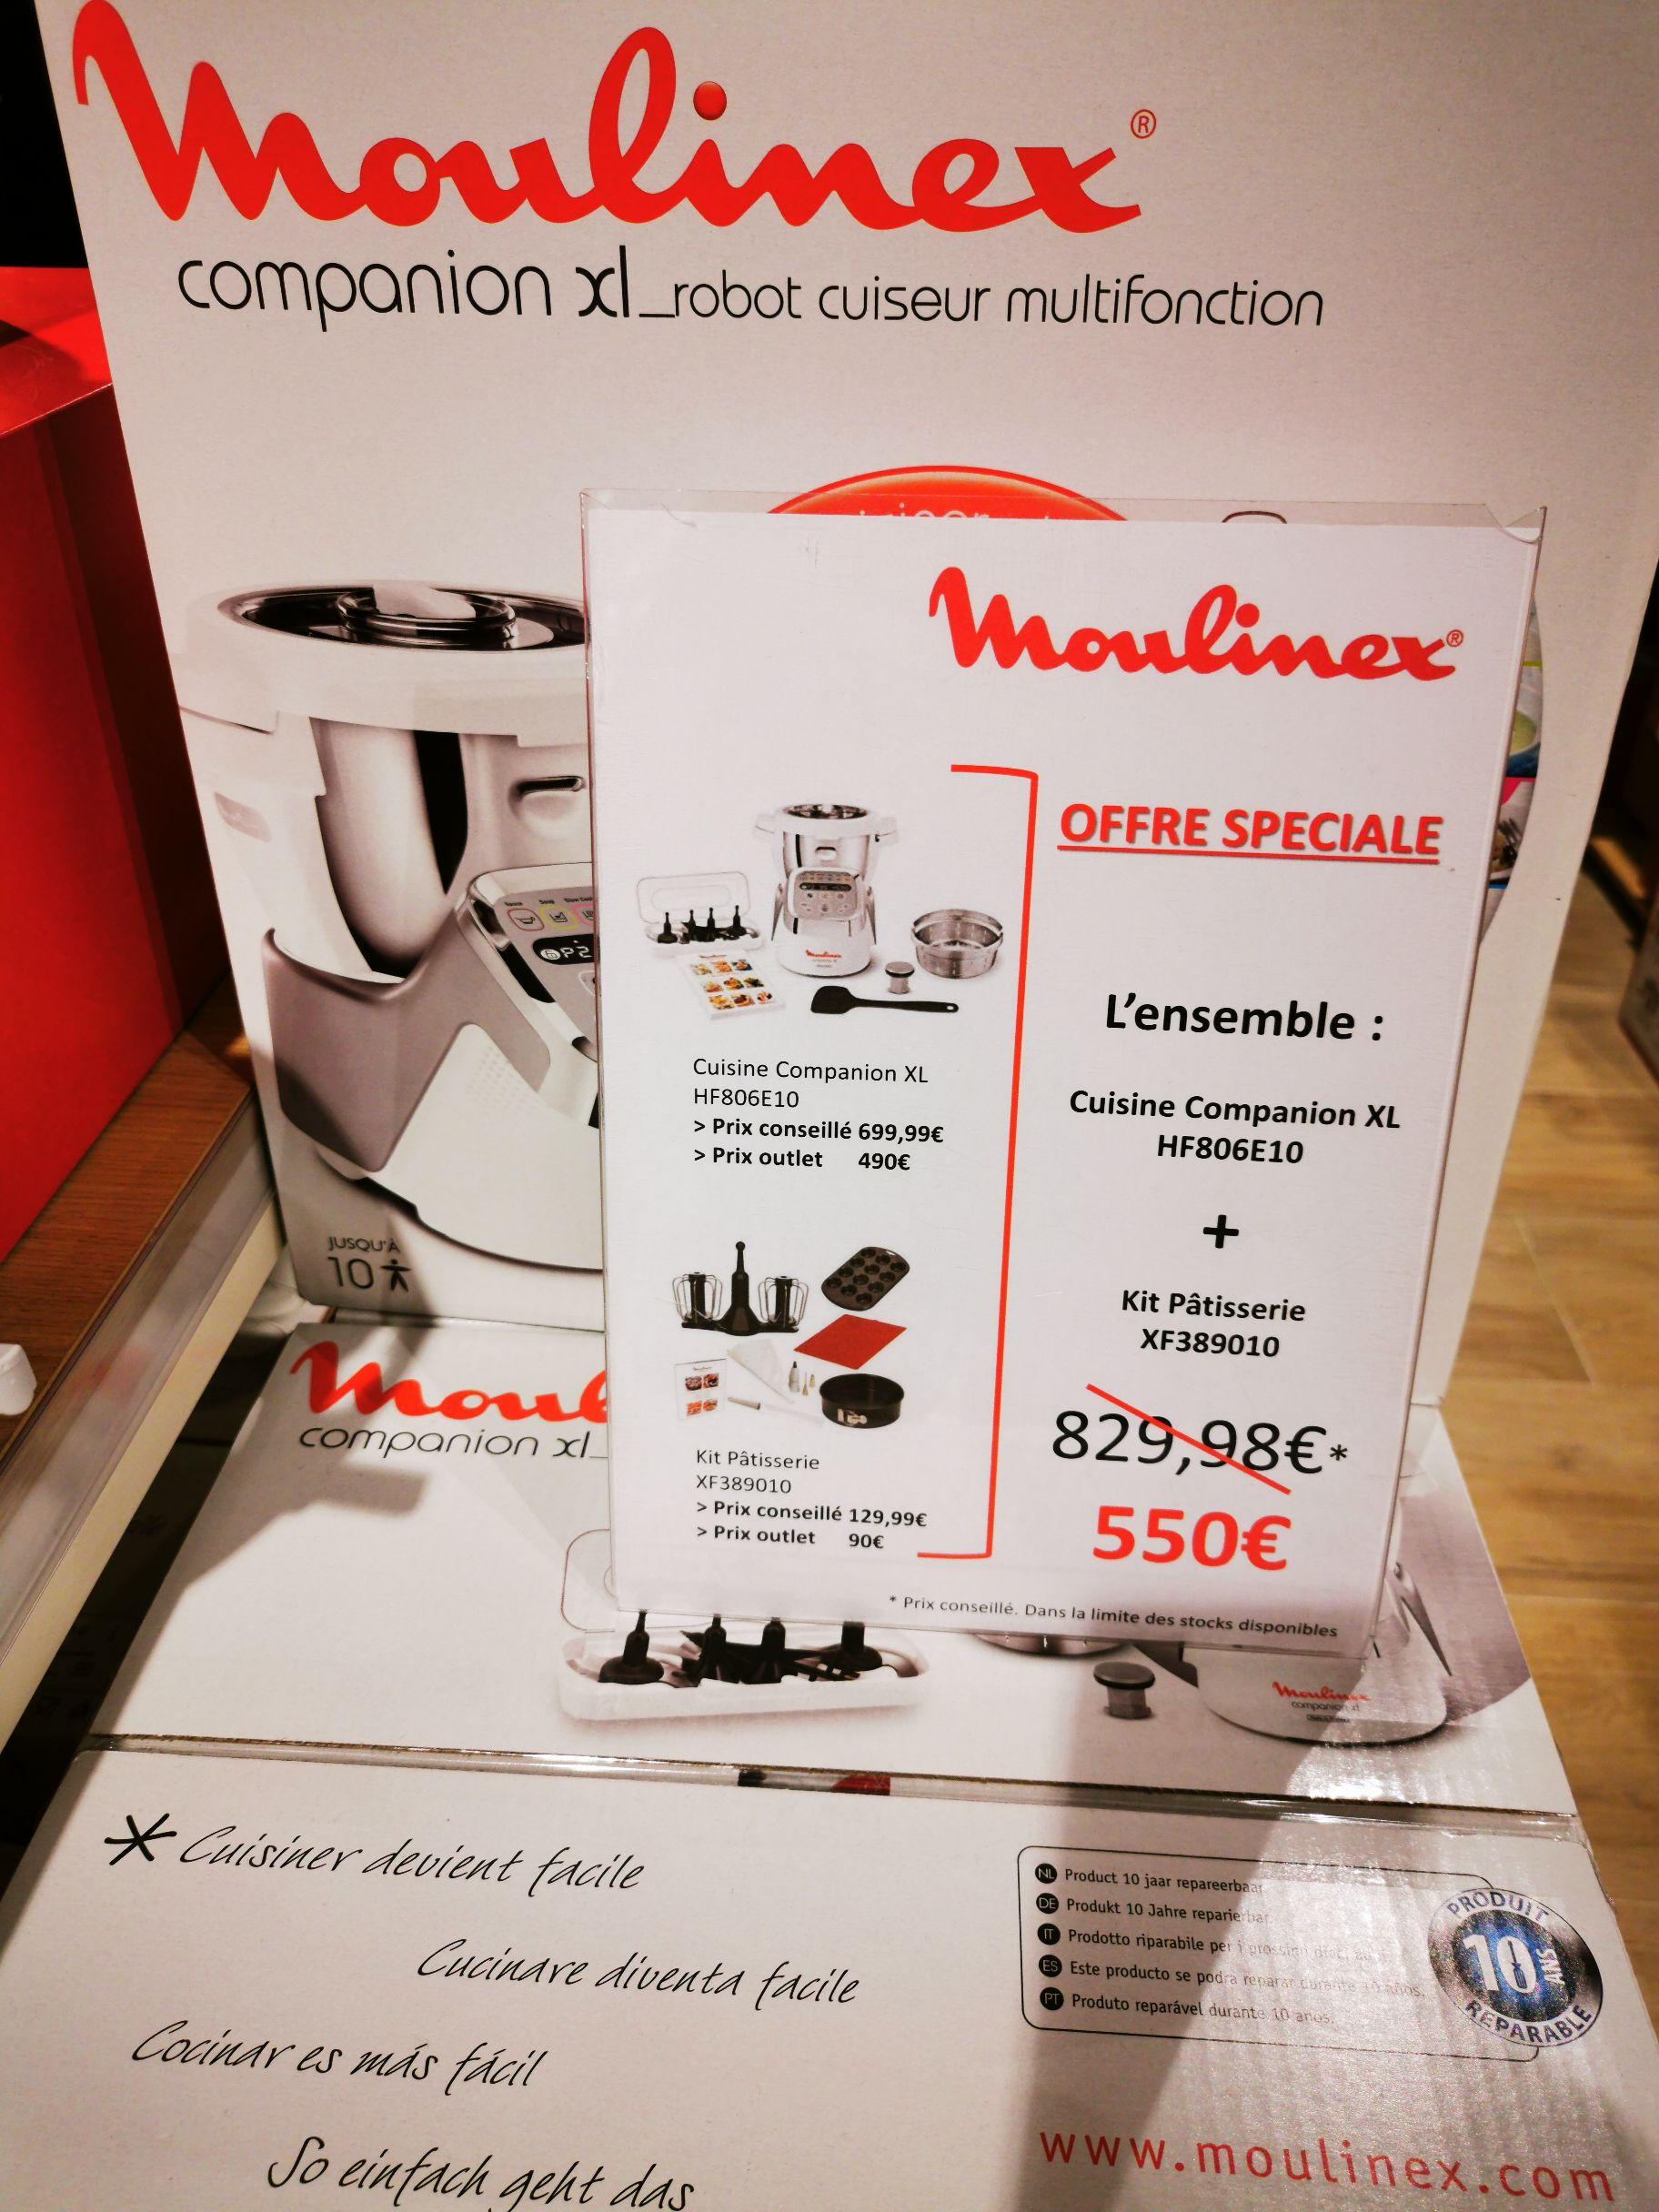 Robot Cuiseur Moulinex Companion XL (HF806E10) + Kit